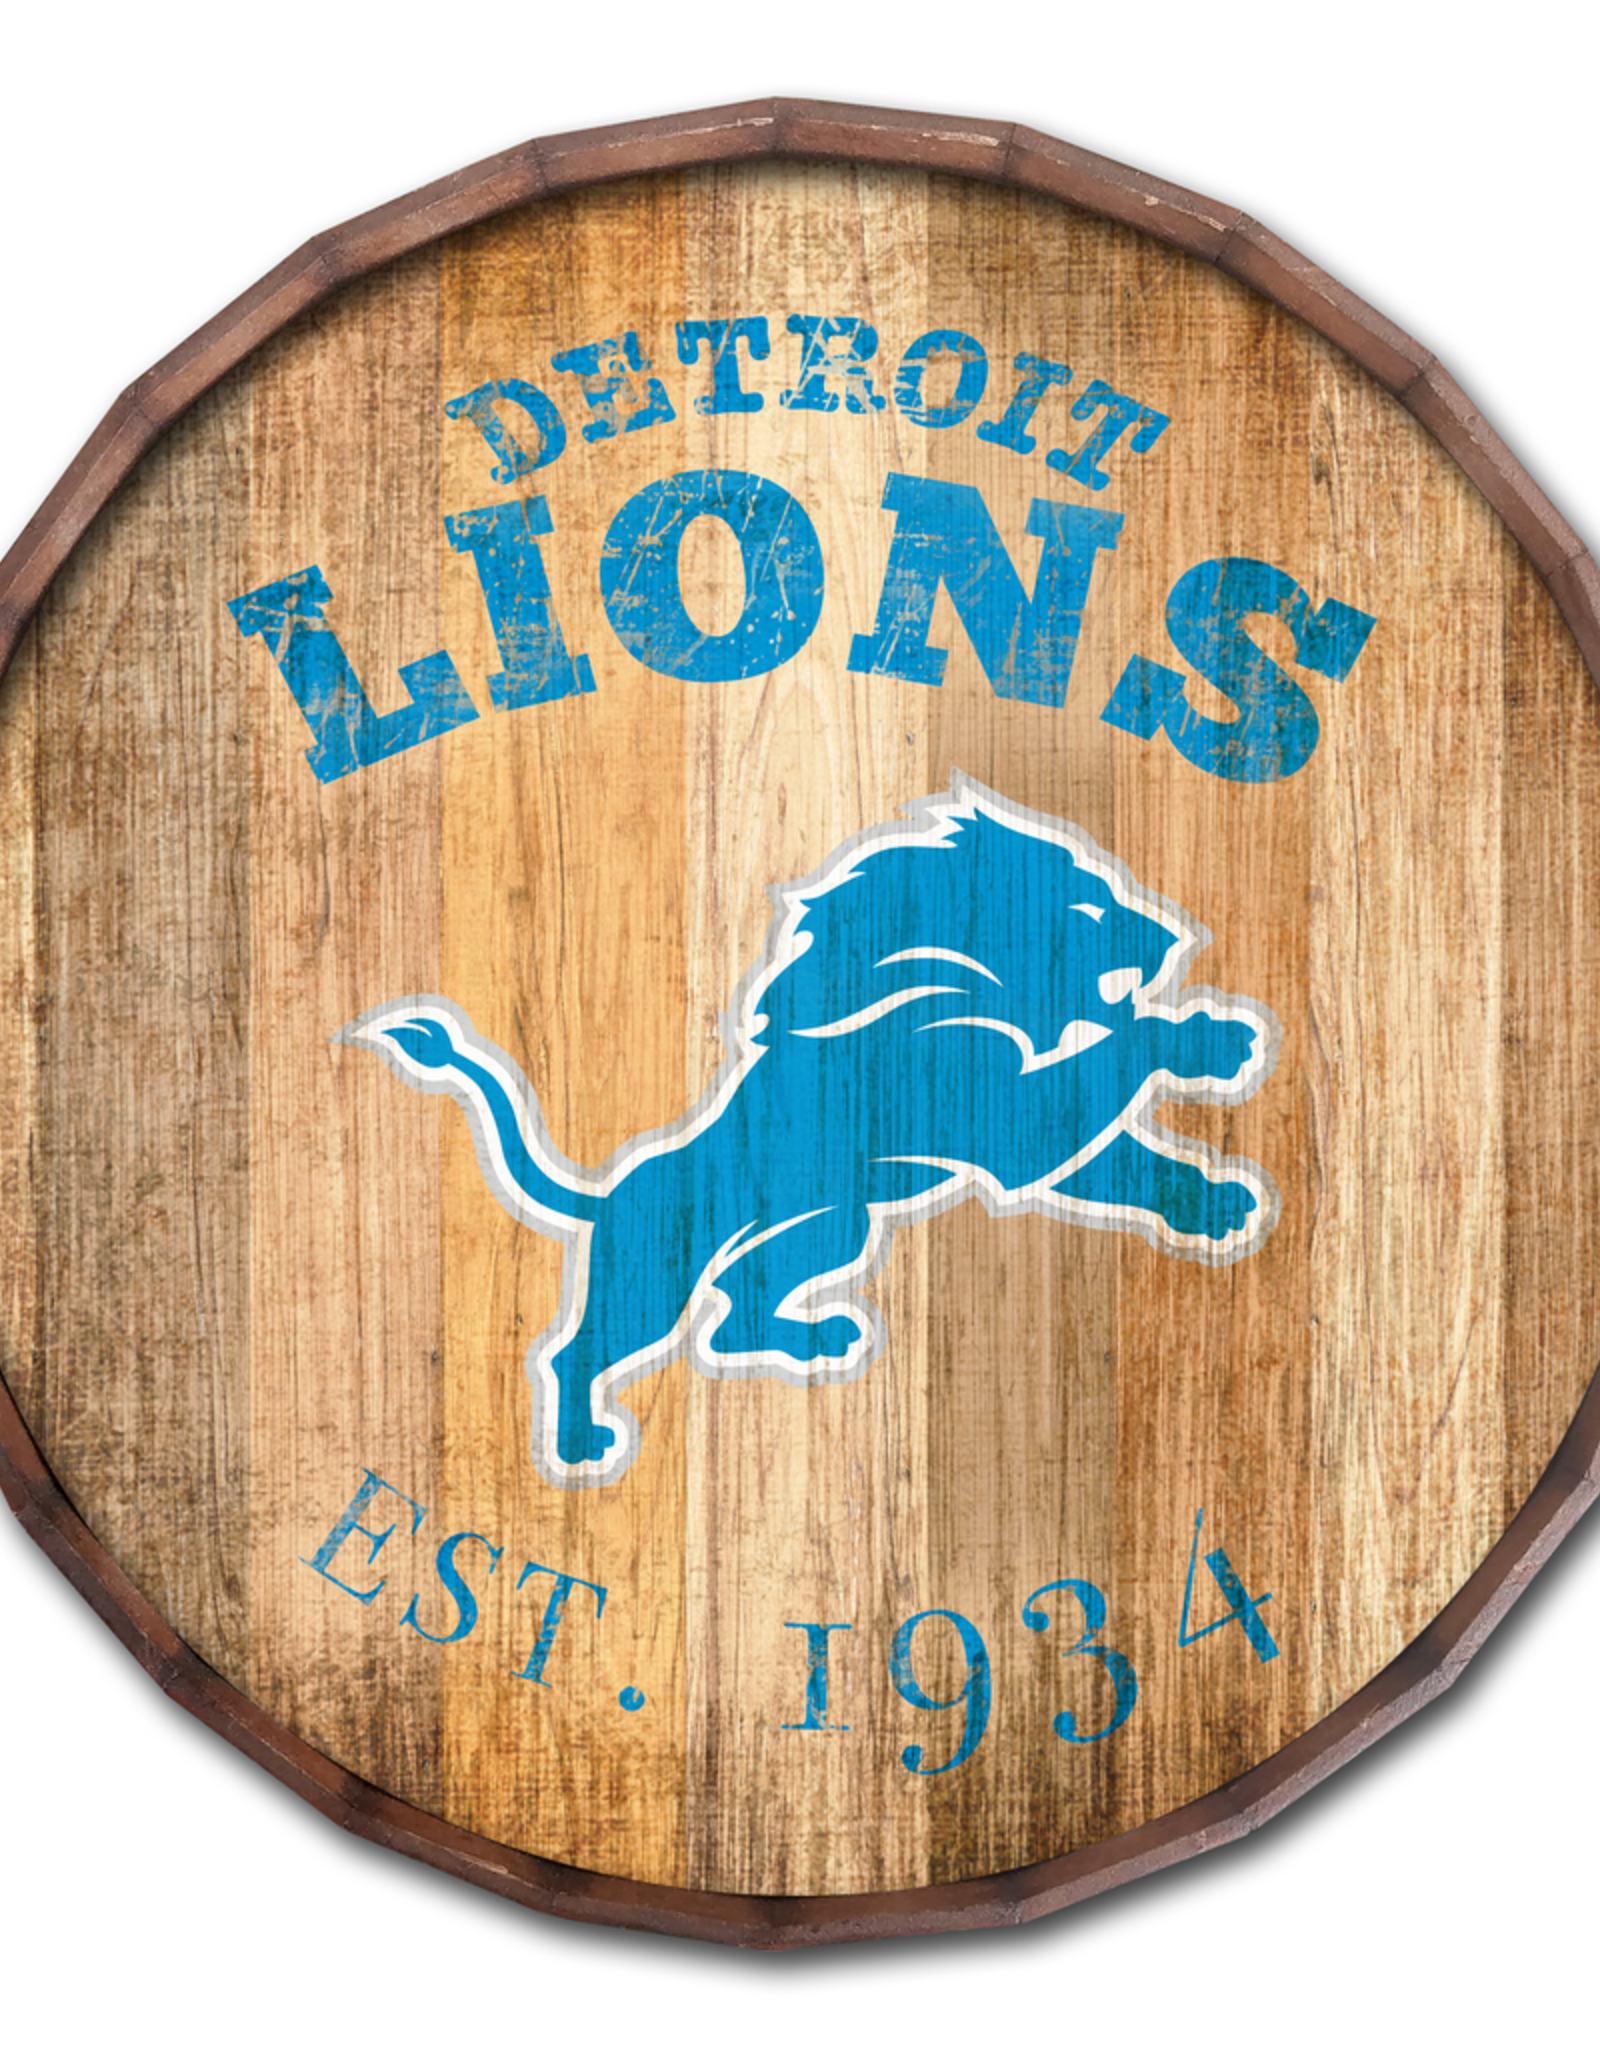 """FAN CREATIONS Detriot Lions 16"""" Cracked Barrel Top -EST"""